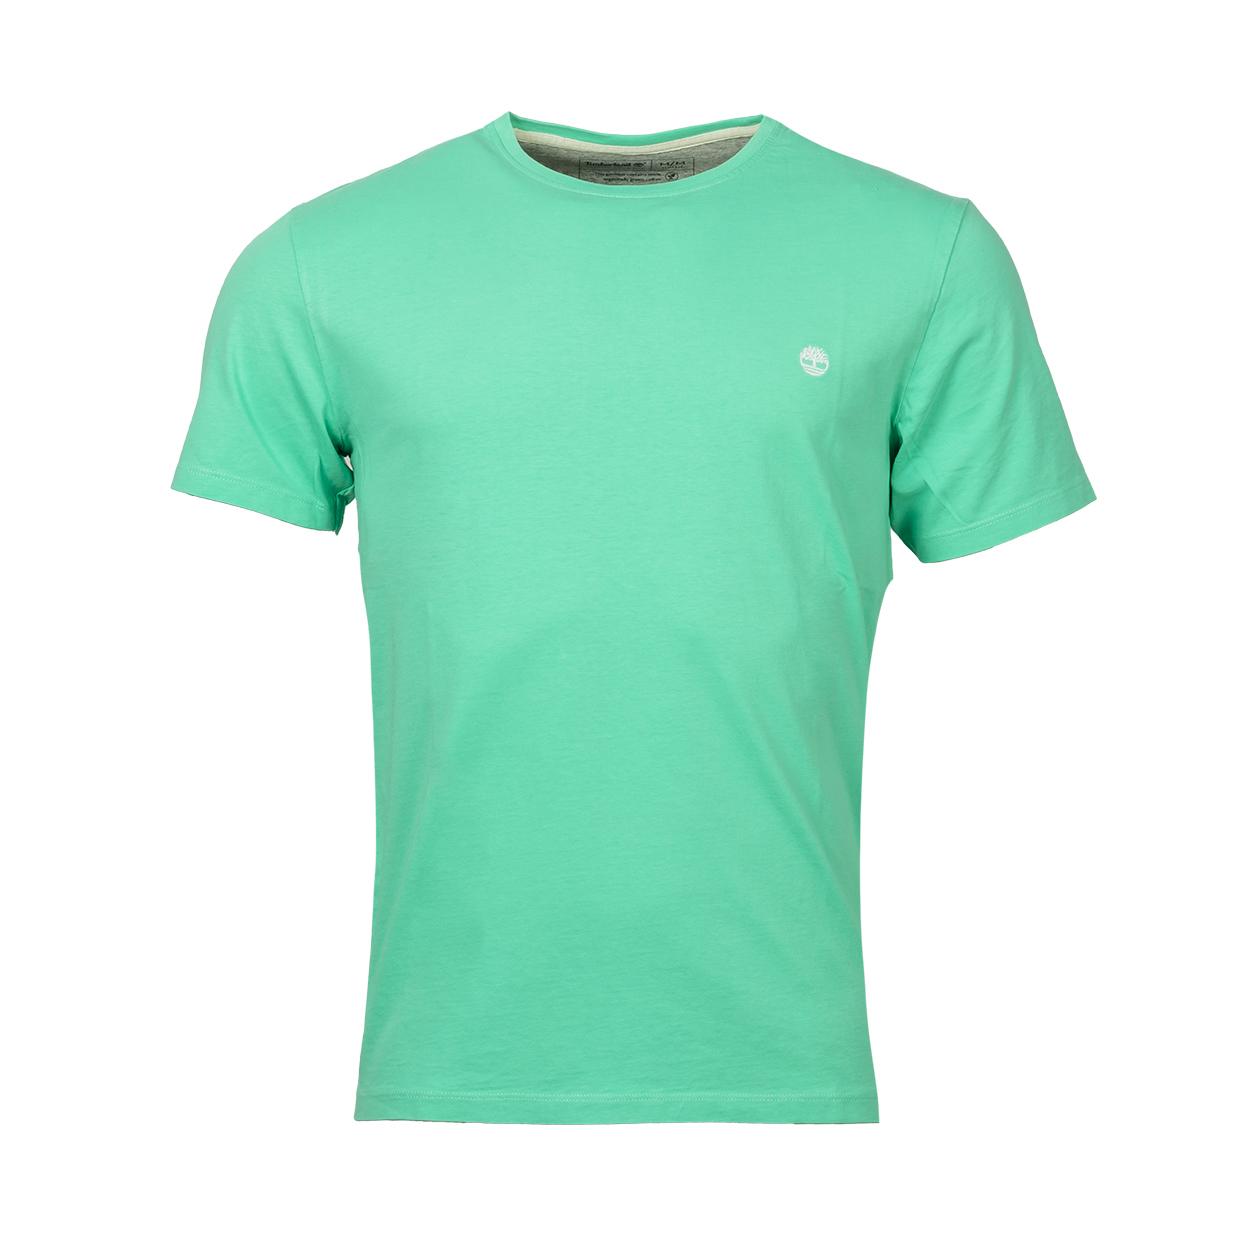 Tee-shirt col rond  en coton vert d\'eau brodé